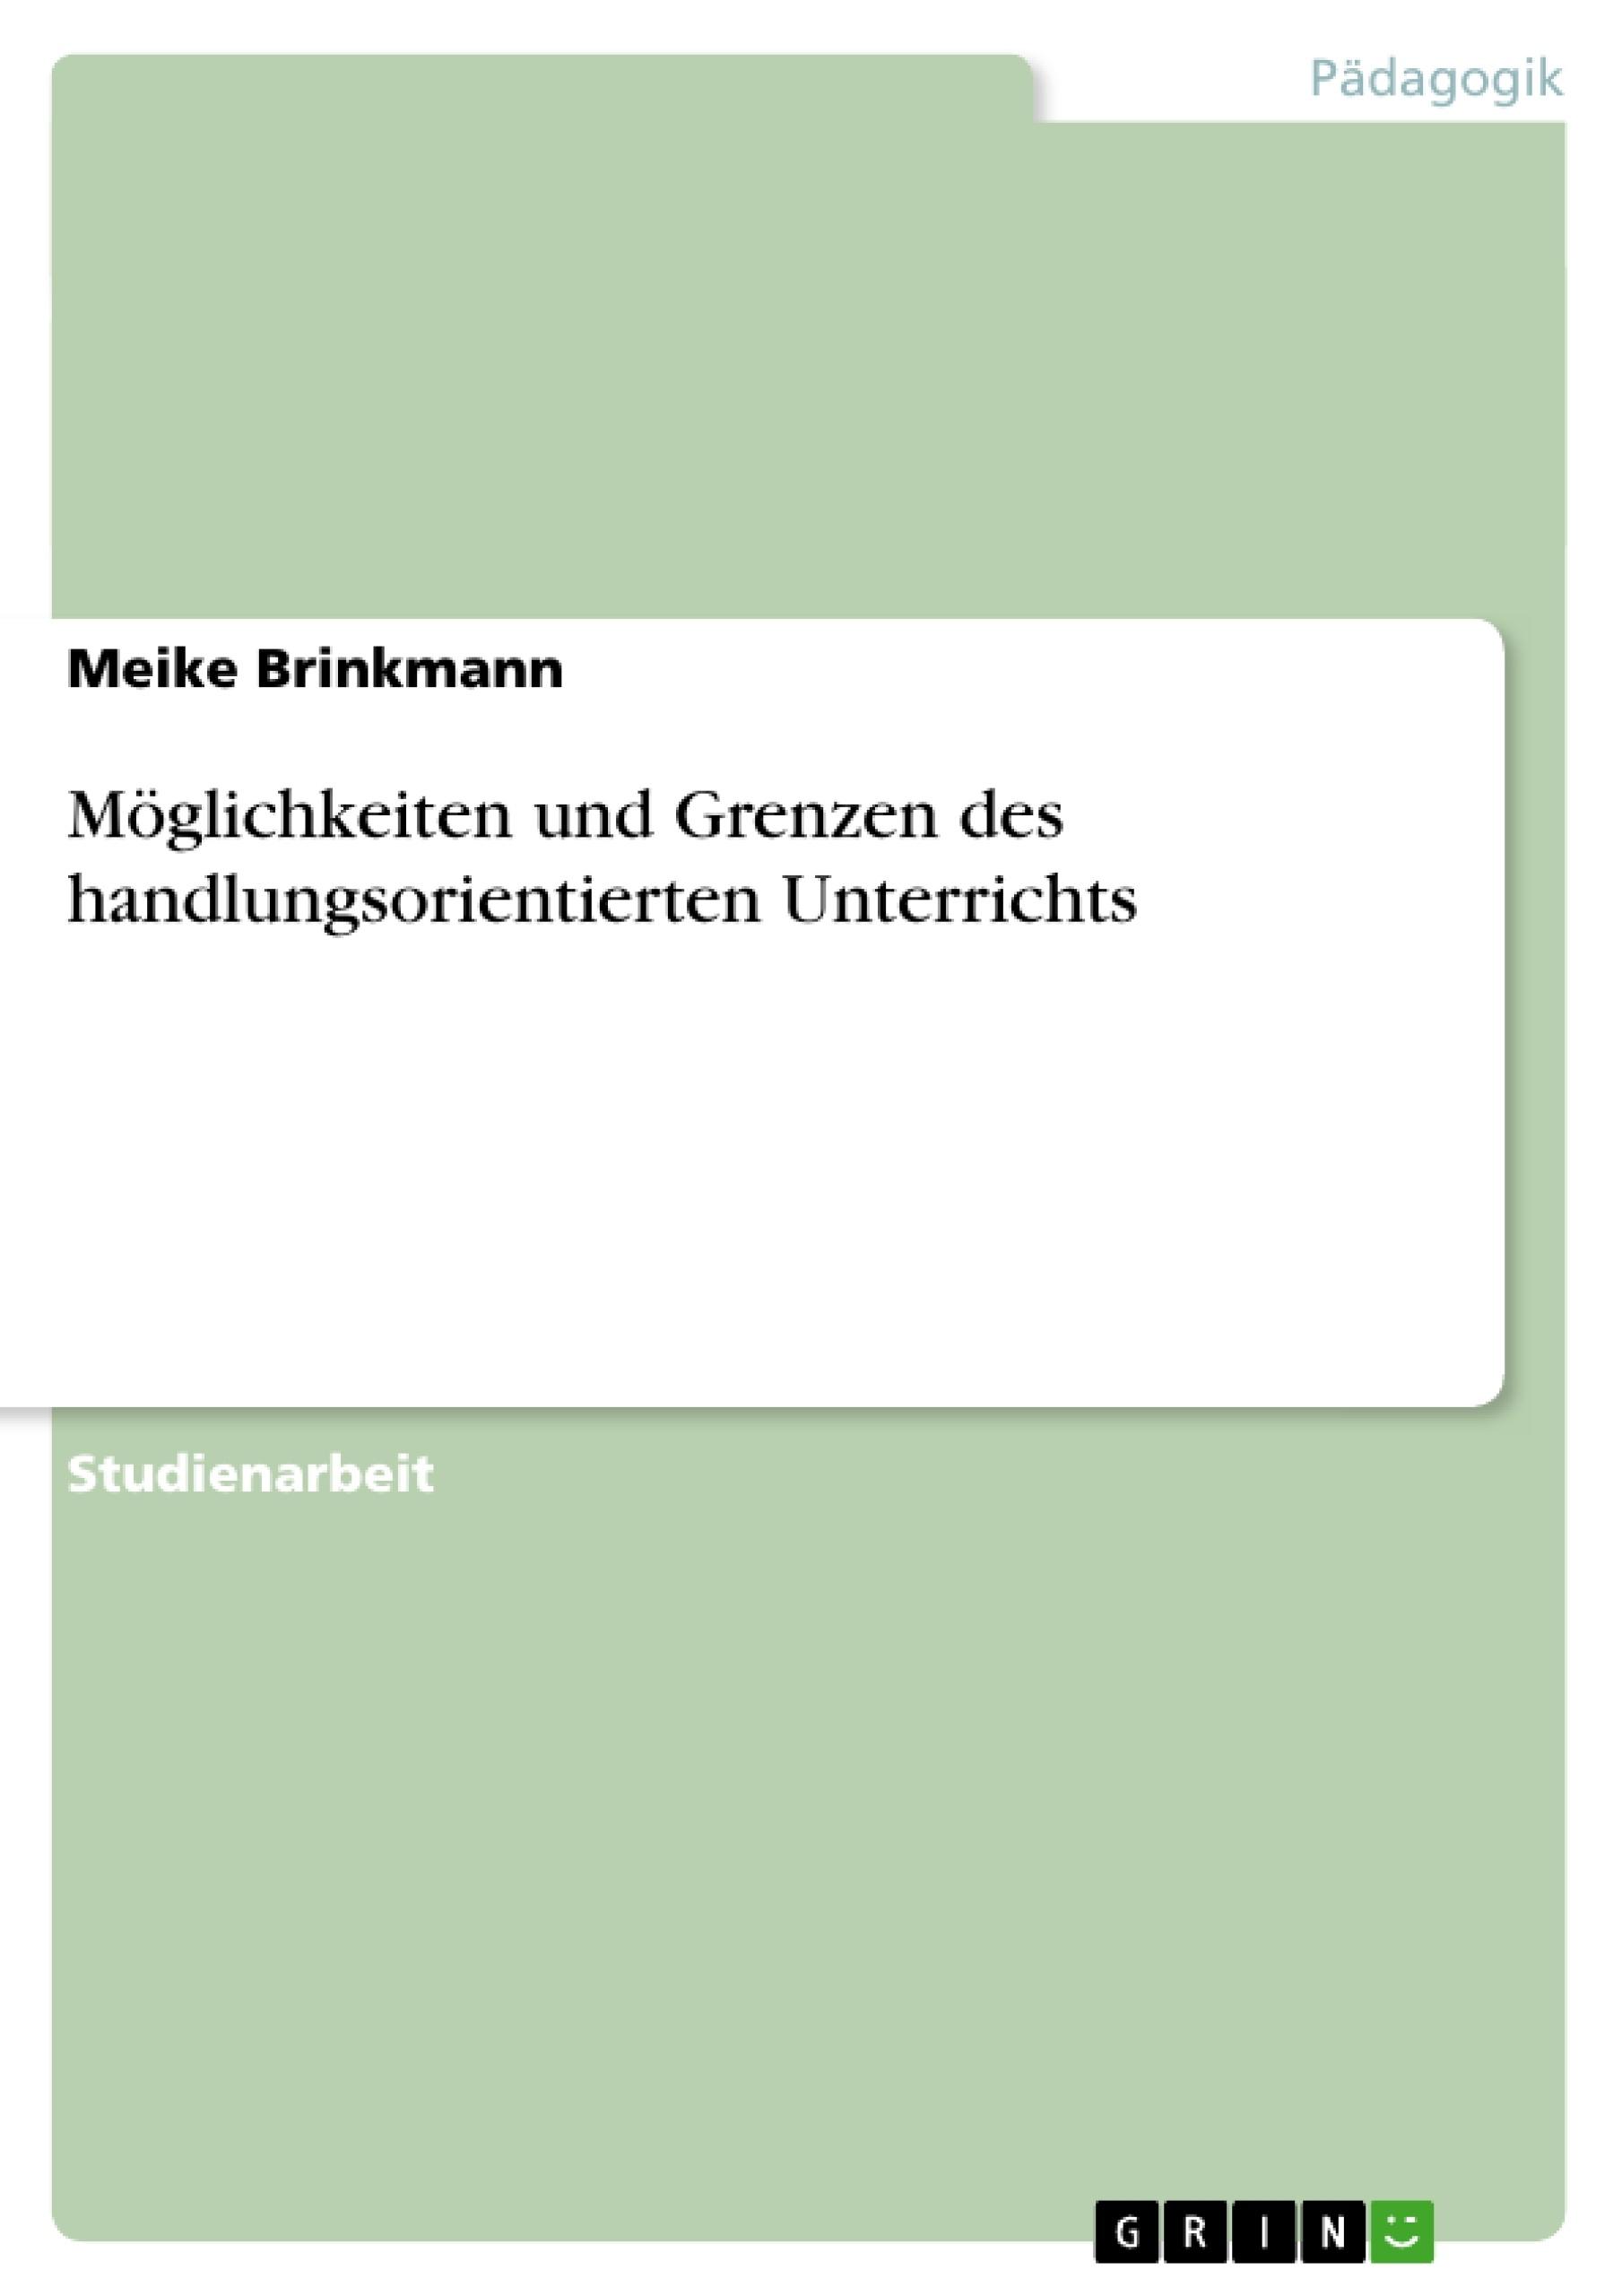 Titel: Möglichkeiten und Grenzen des handlungsorientierten Unterrichts